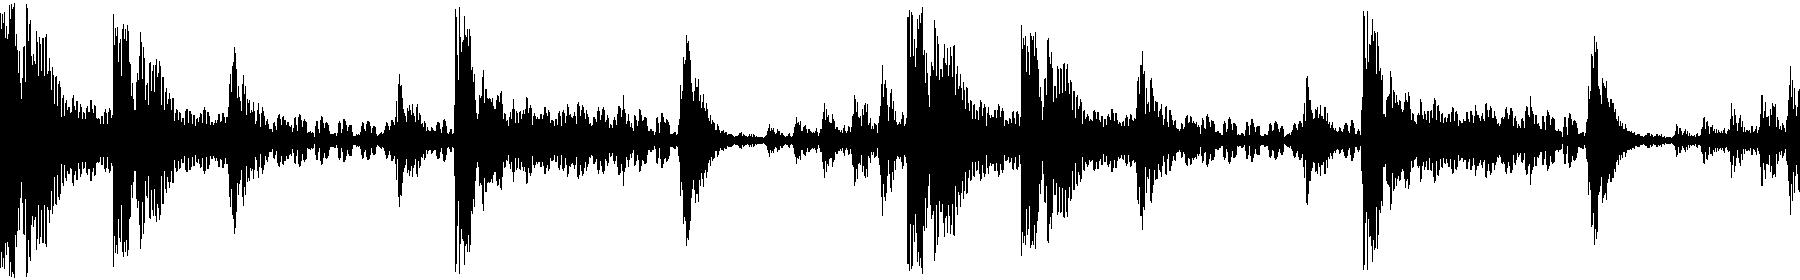 blbc electrodrums 110 04